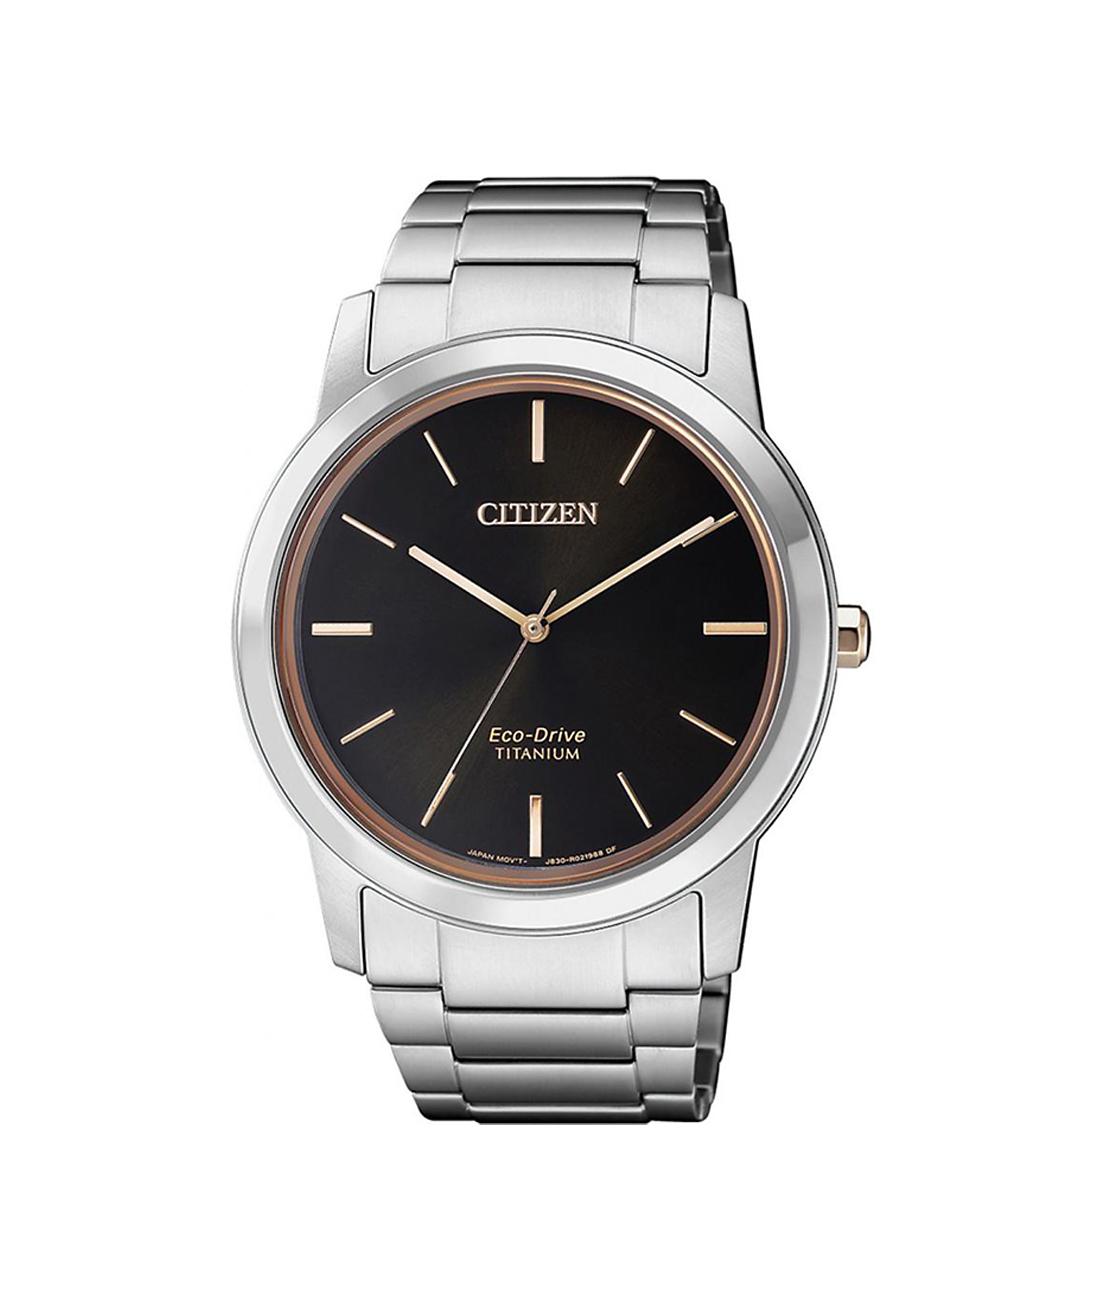 Zegarek Citizen Eco-Drive Titanium AW2024-81E w atrakcyjnej cenie ... e841ce19e7